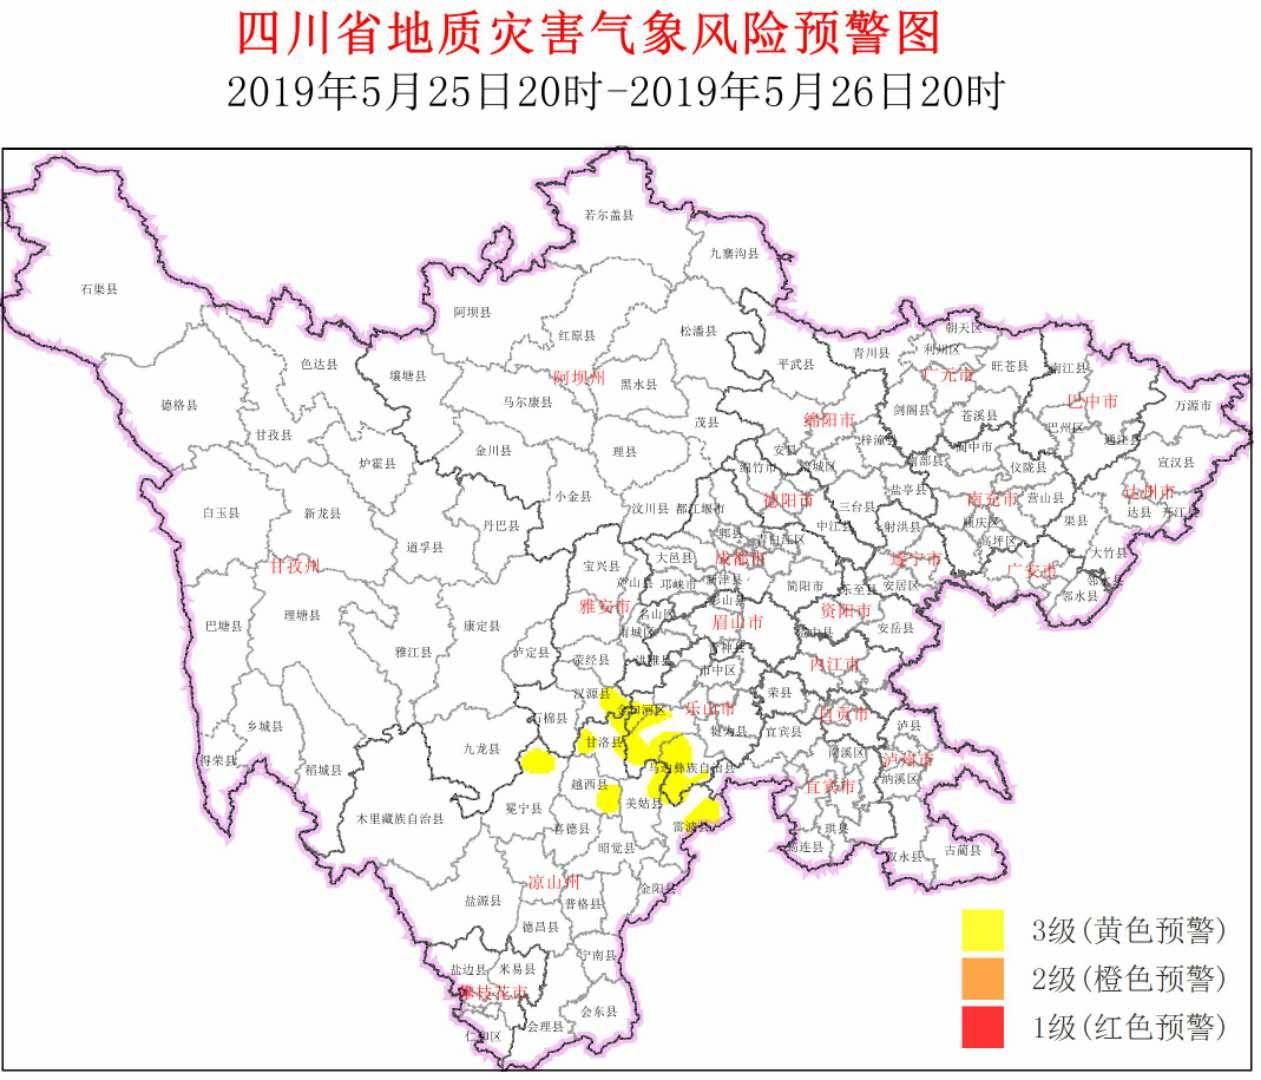 地灾预警范围扩大!四川这9个县需要严加注意